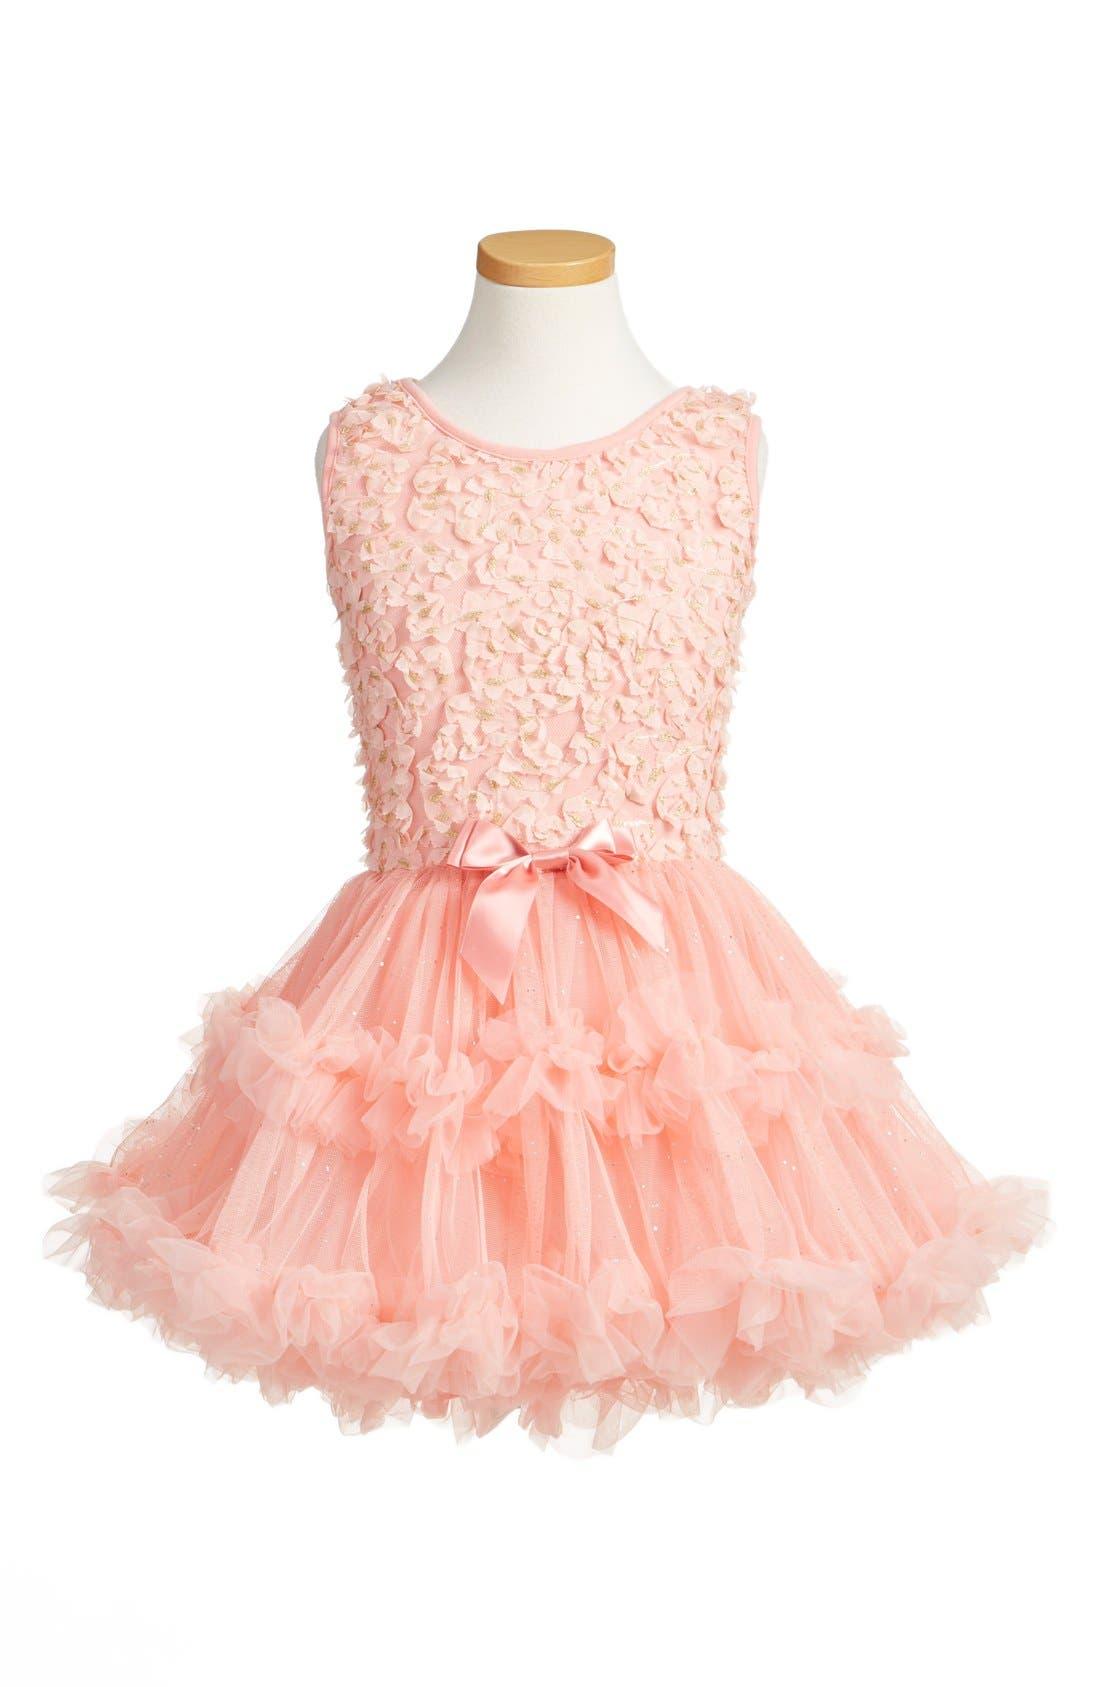 Floral Appliqué Tutu Dress,                         Main,                         color, Peach